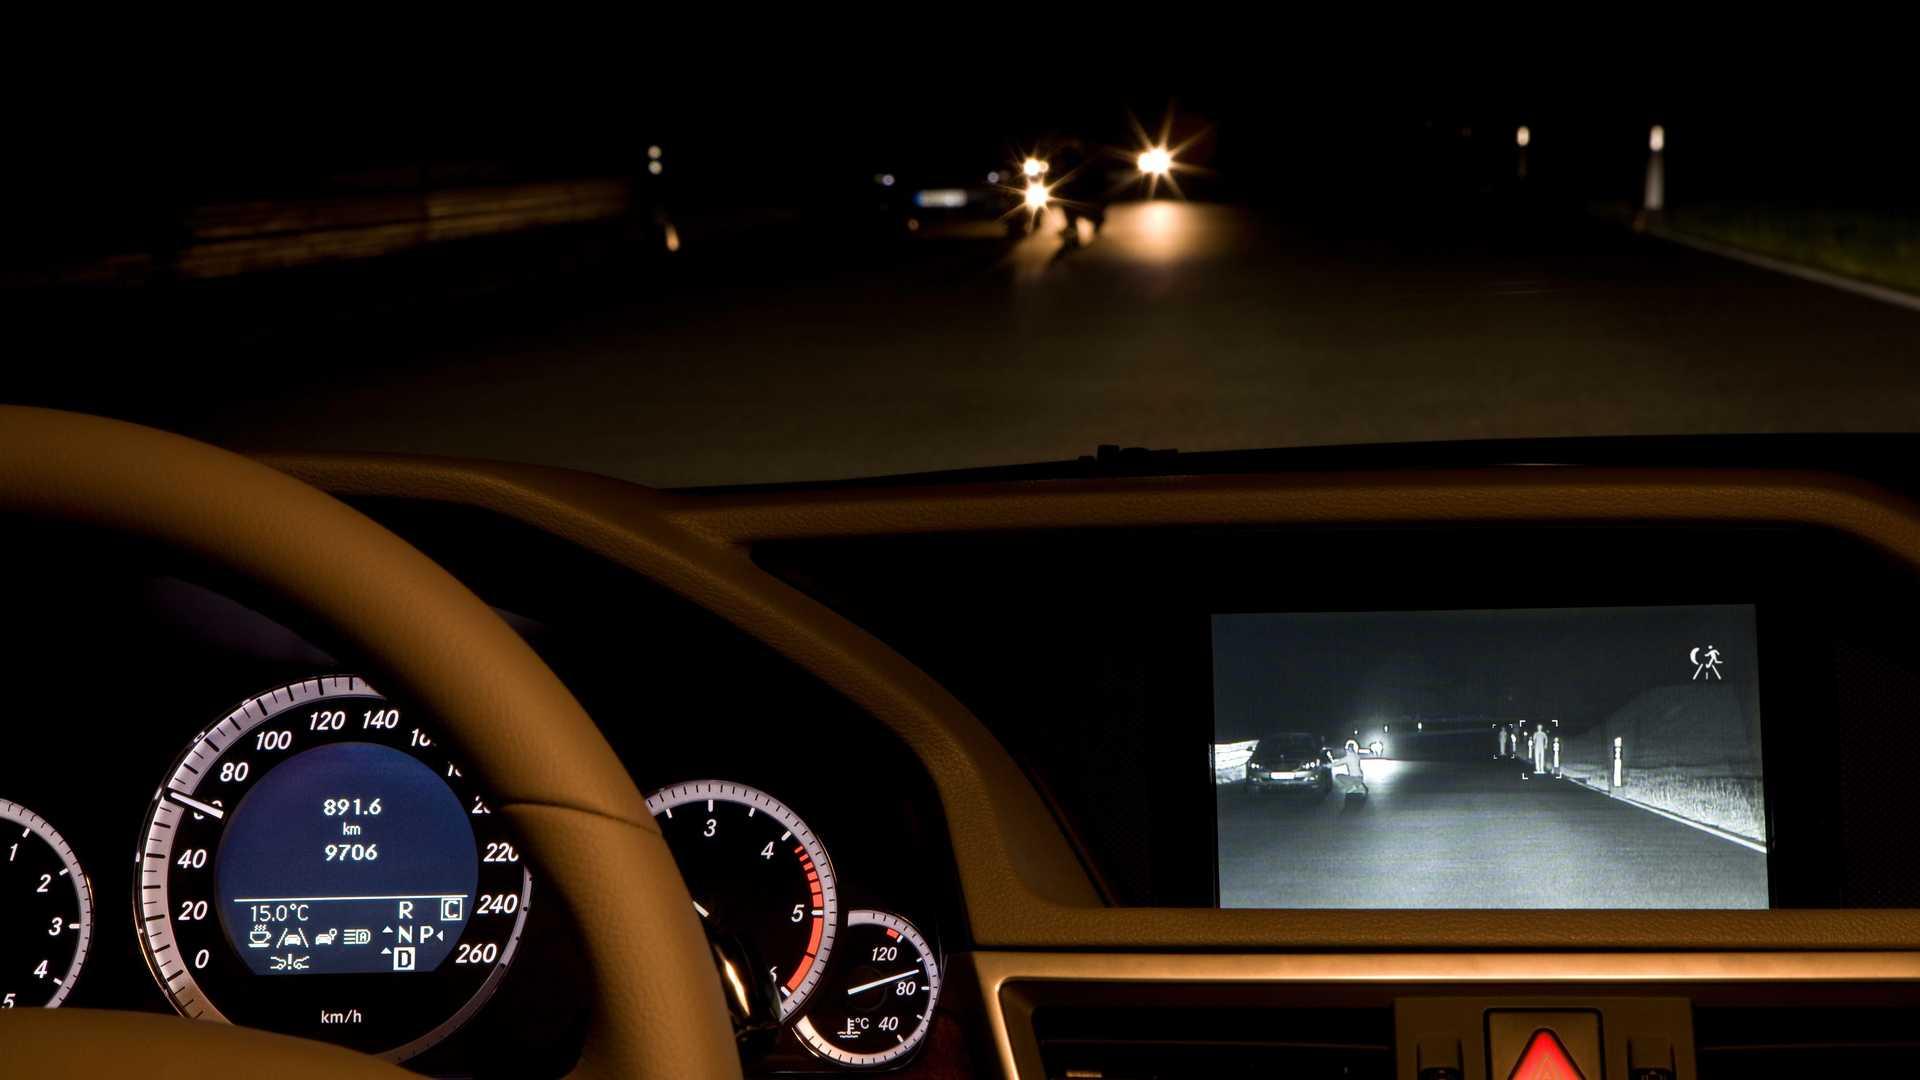 Visione notturna, come funzionano i sistemi a infrarossi